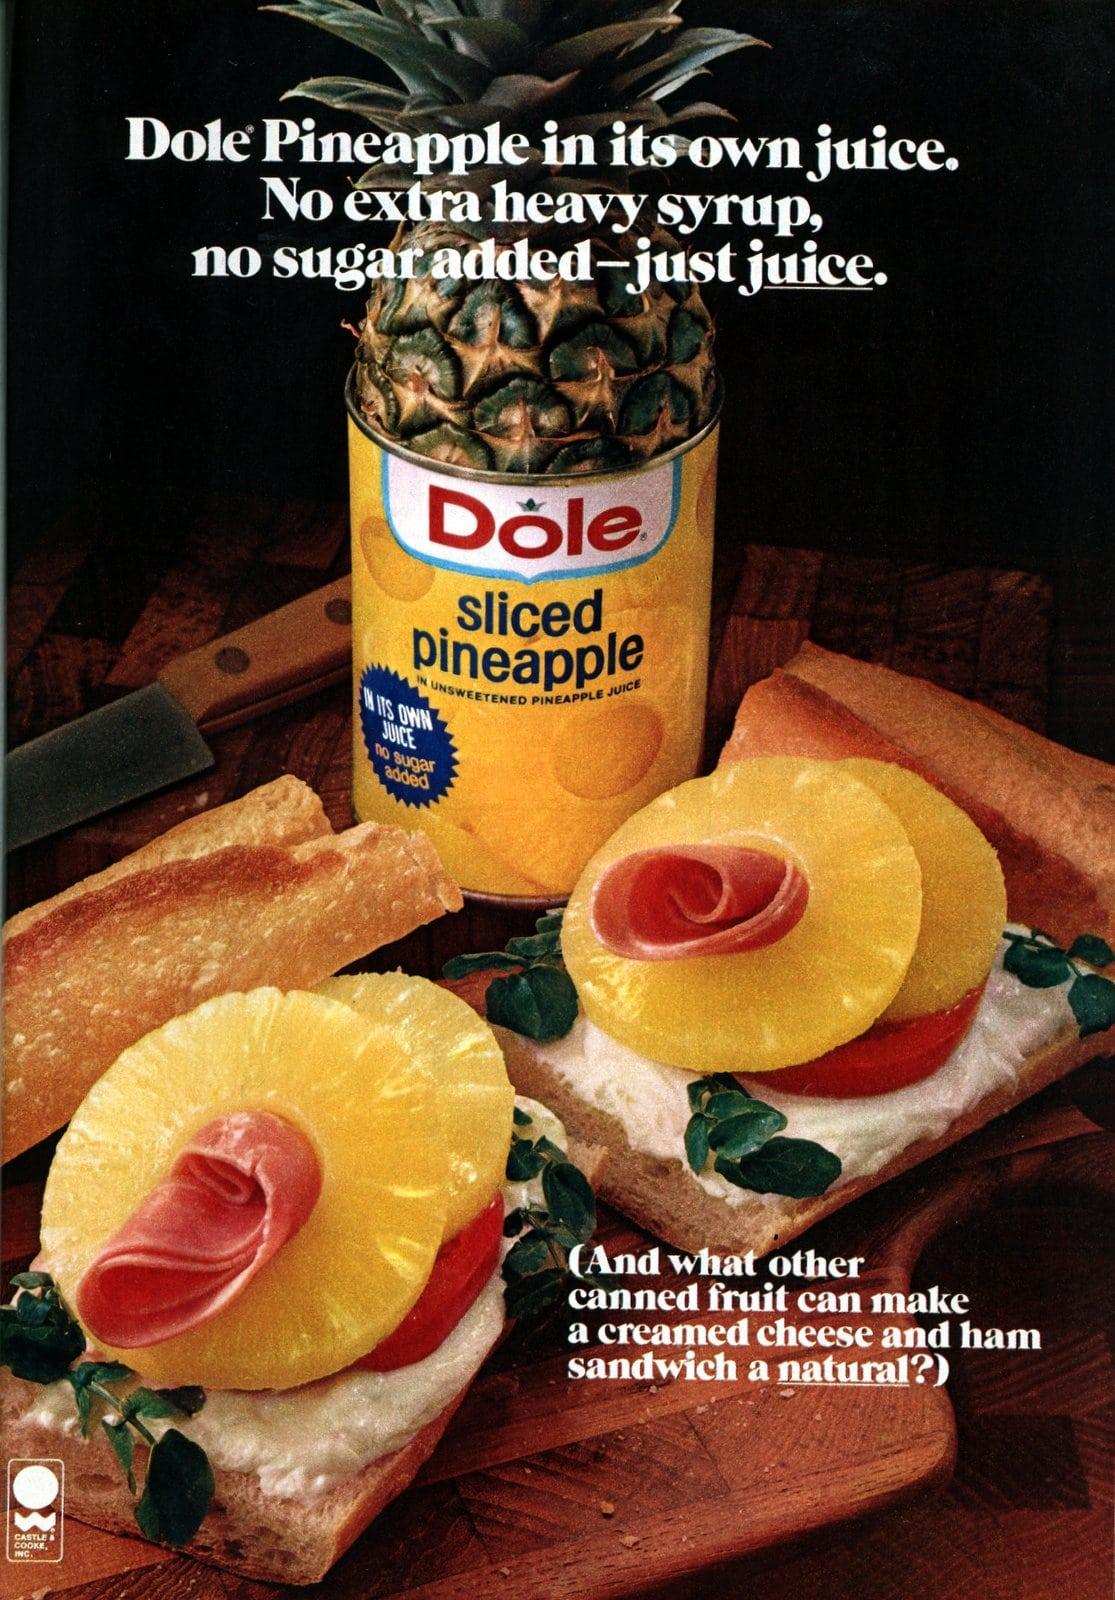 Pineapple cream cheese and ham sandwich (1978)